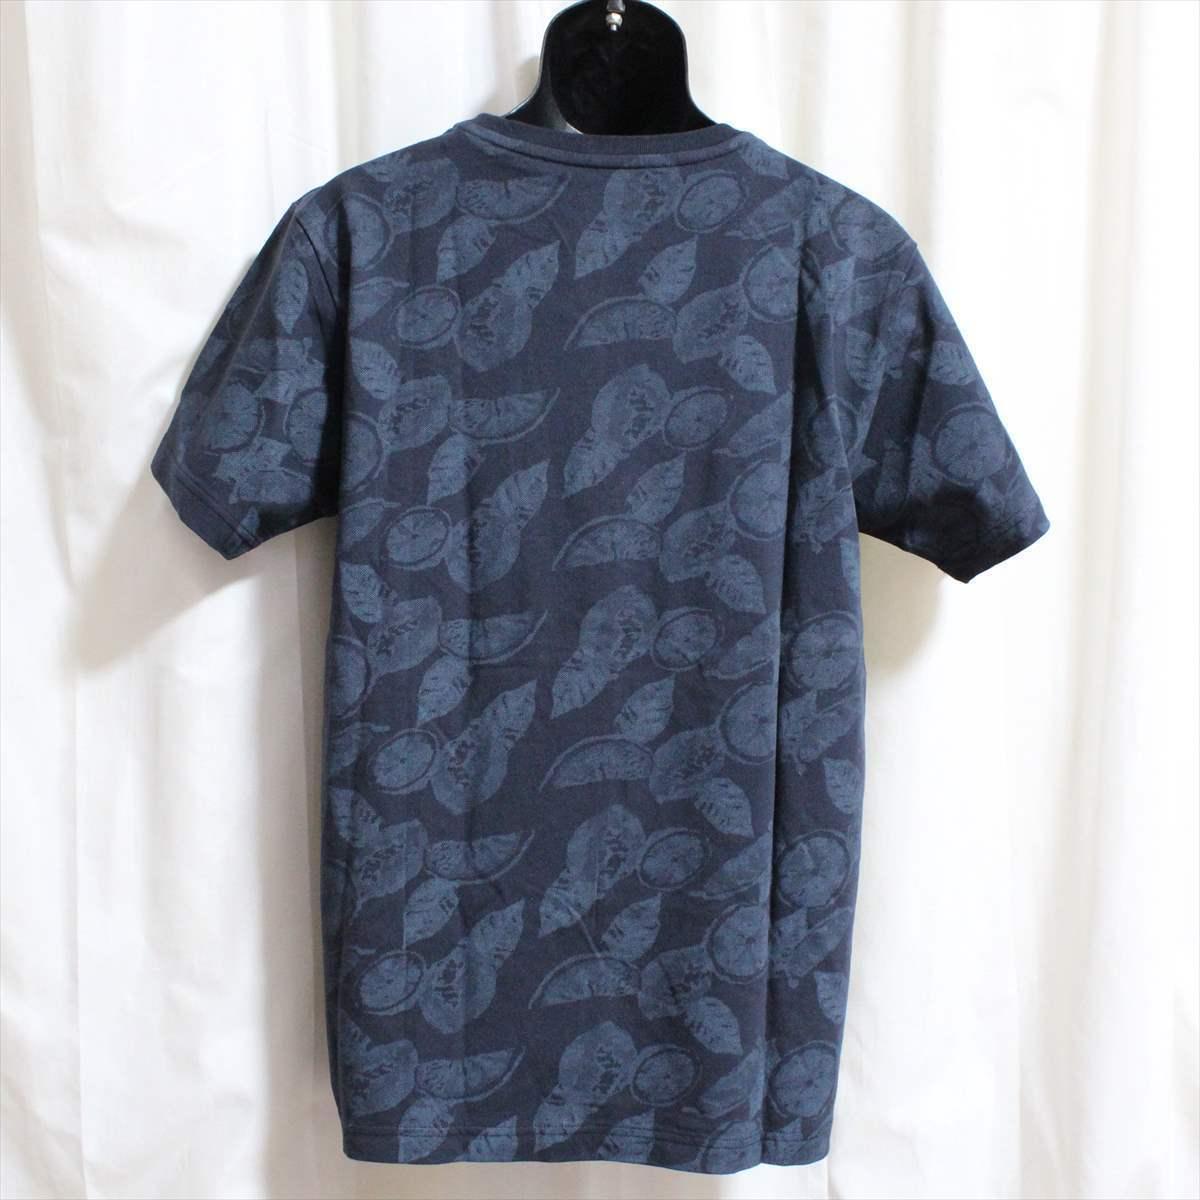 ピコ PIKO メンズ半袖Tシャツ ネイビー Lサイズ 新品 紺_画像3